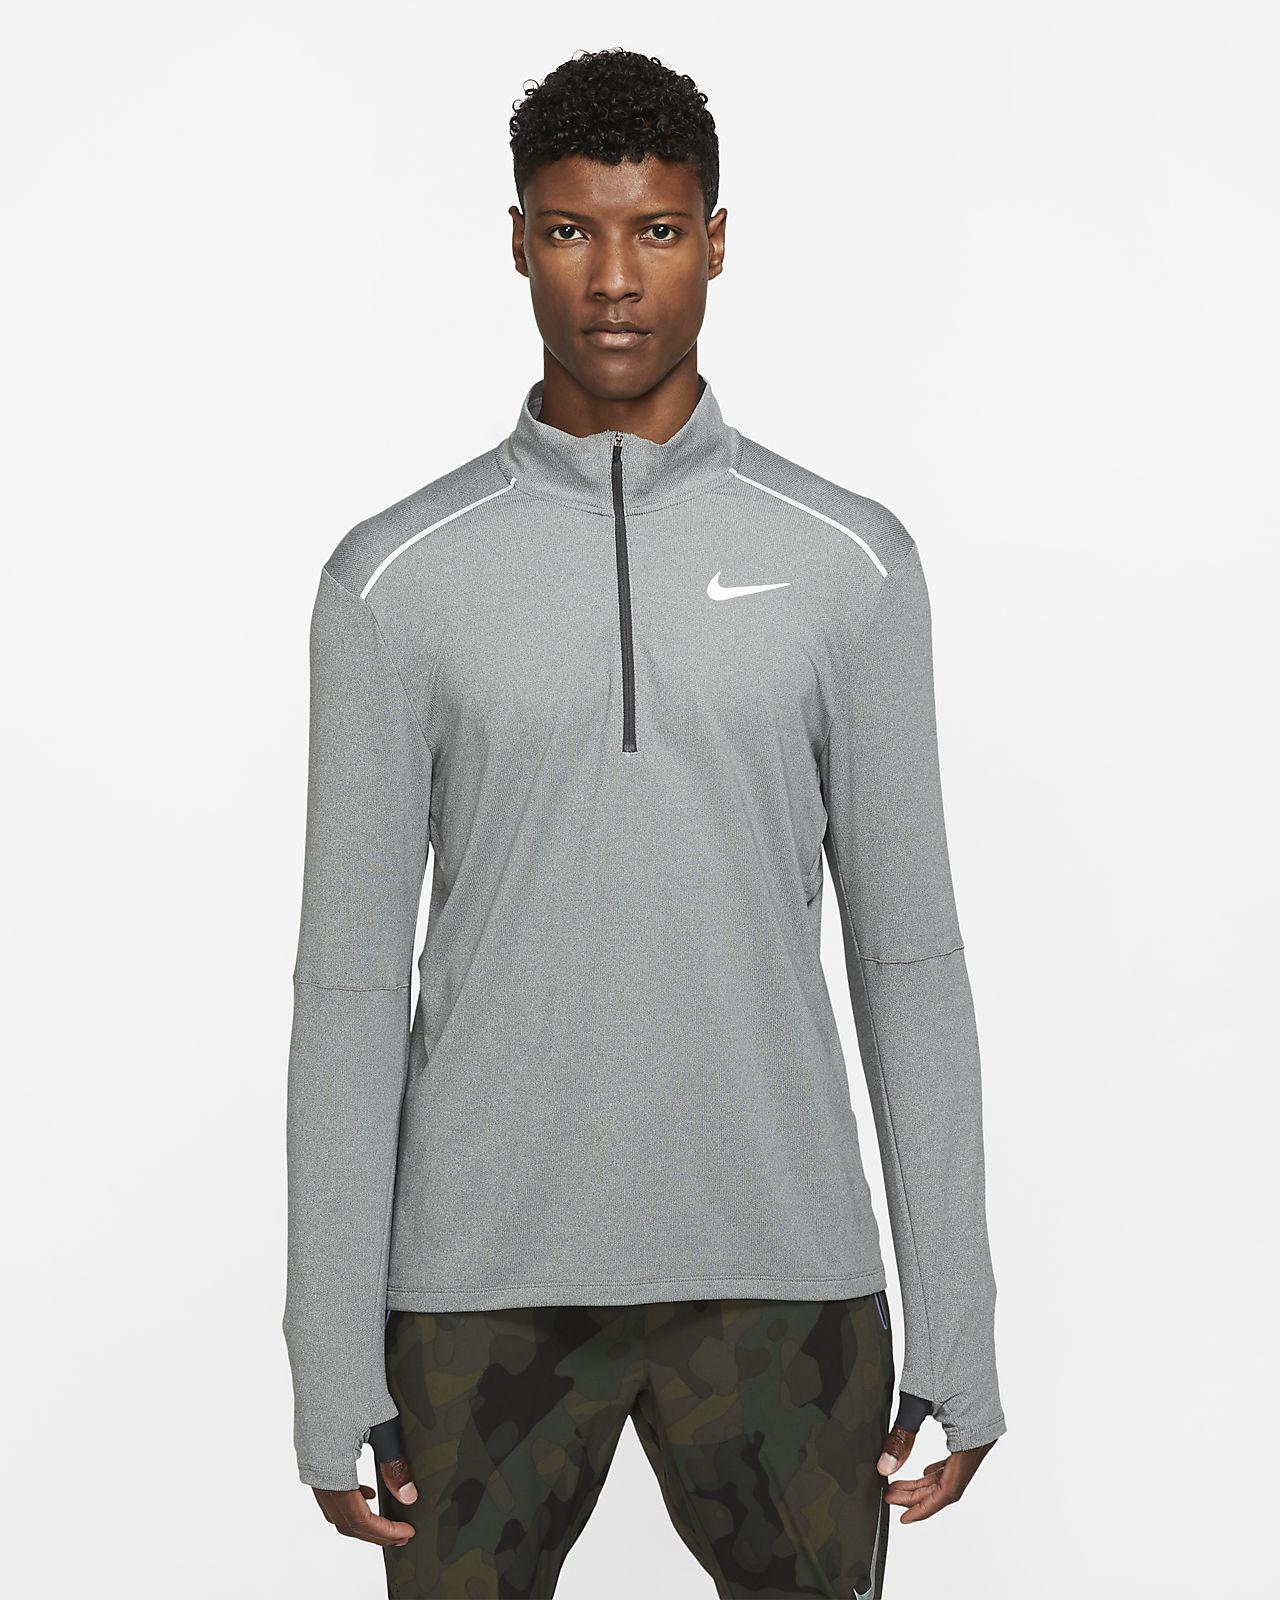 Nike 3.0 Herren-Laufoberteil mit Halbreißverschluss